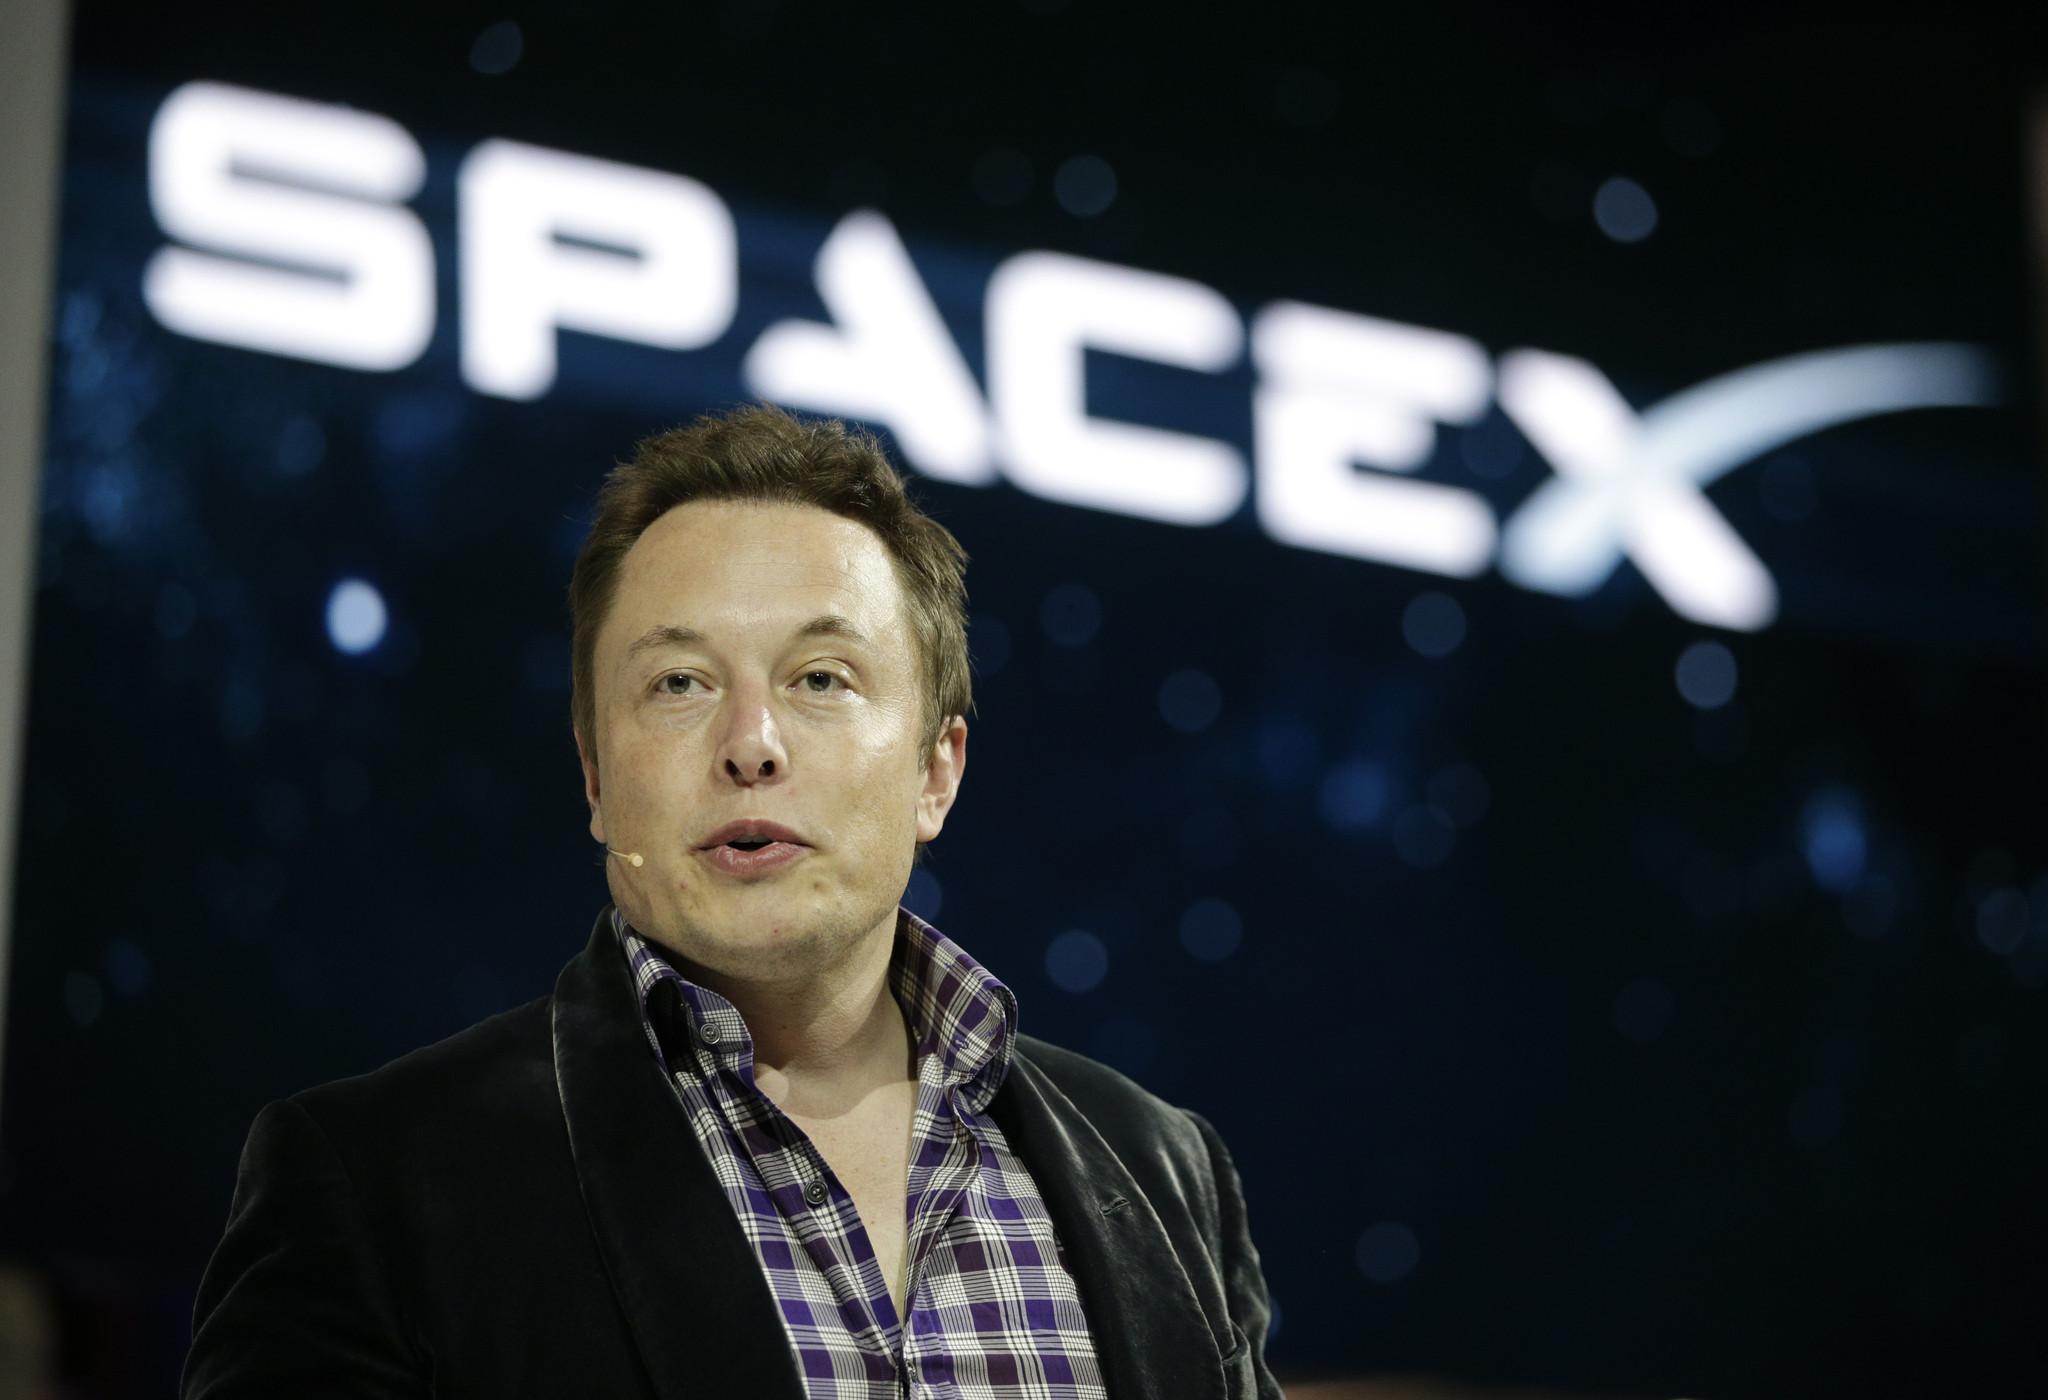 Аэрокосмическая компания SpaceX планирует запустить пилотируемую миссию на Марс